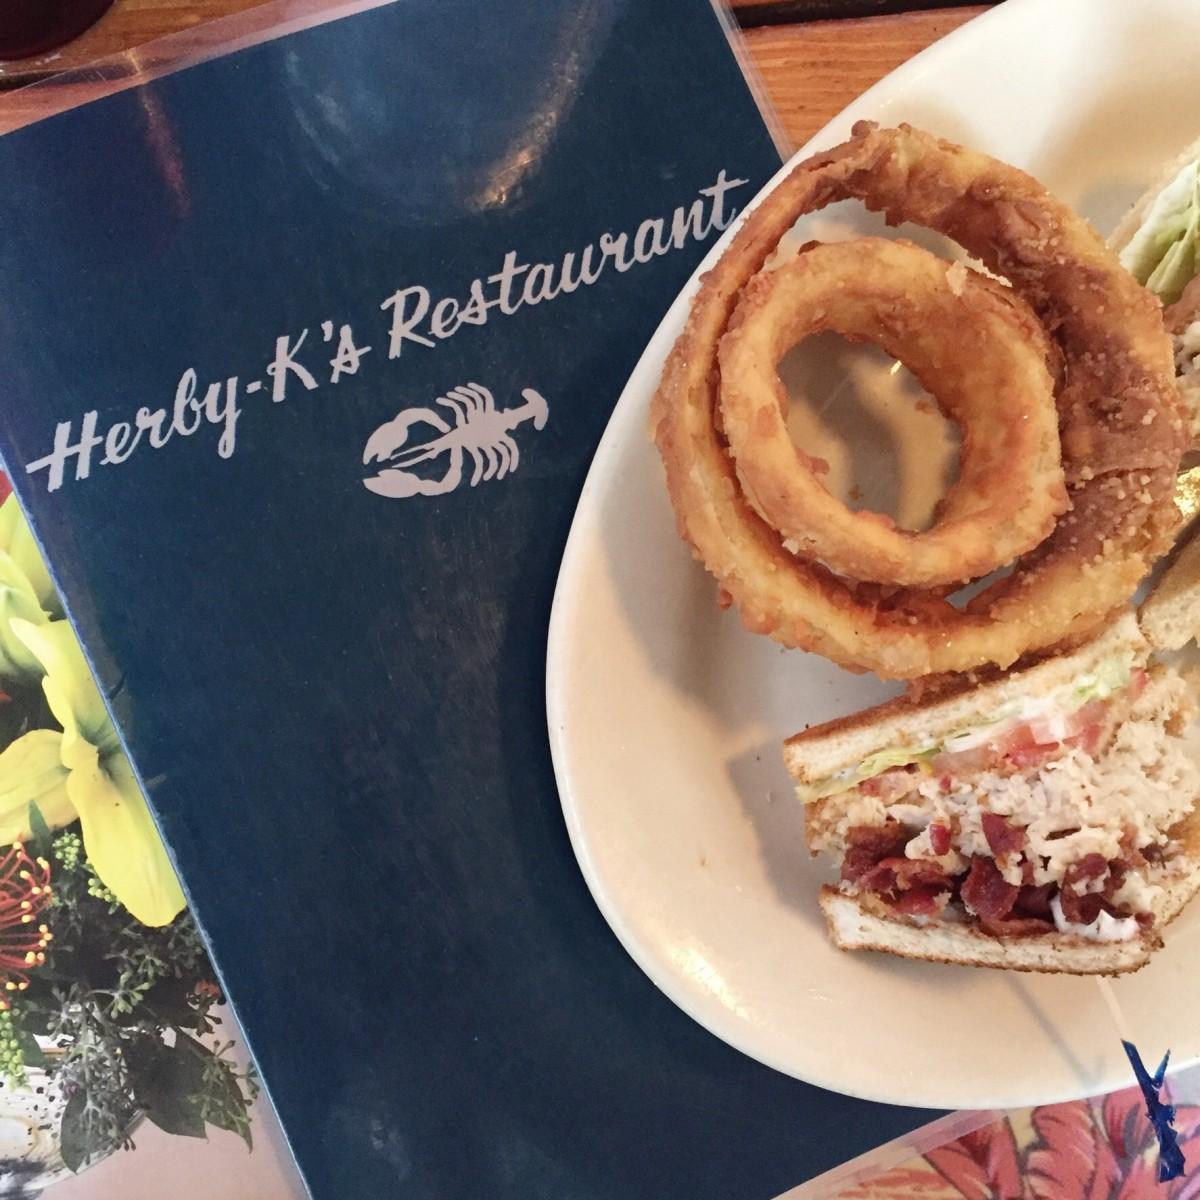 Herby K's shreveport louisiana her heartland soul